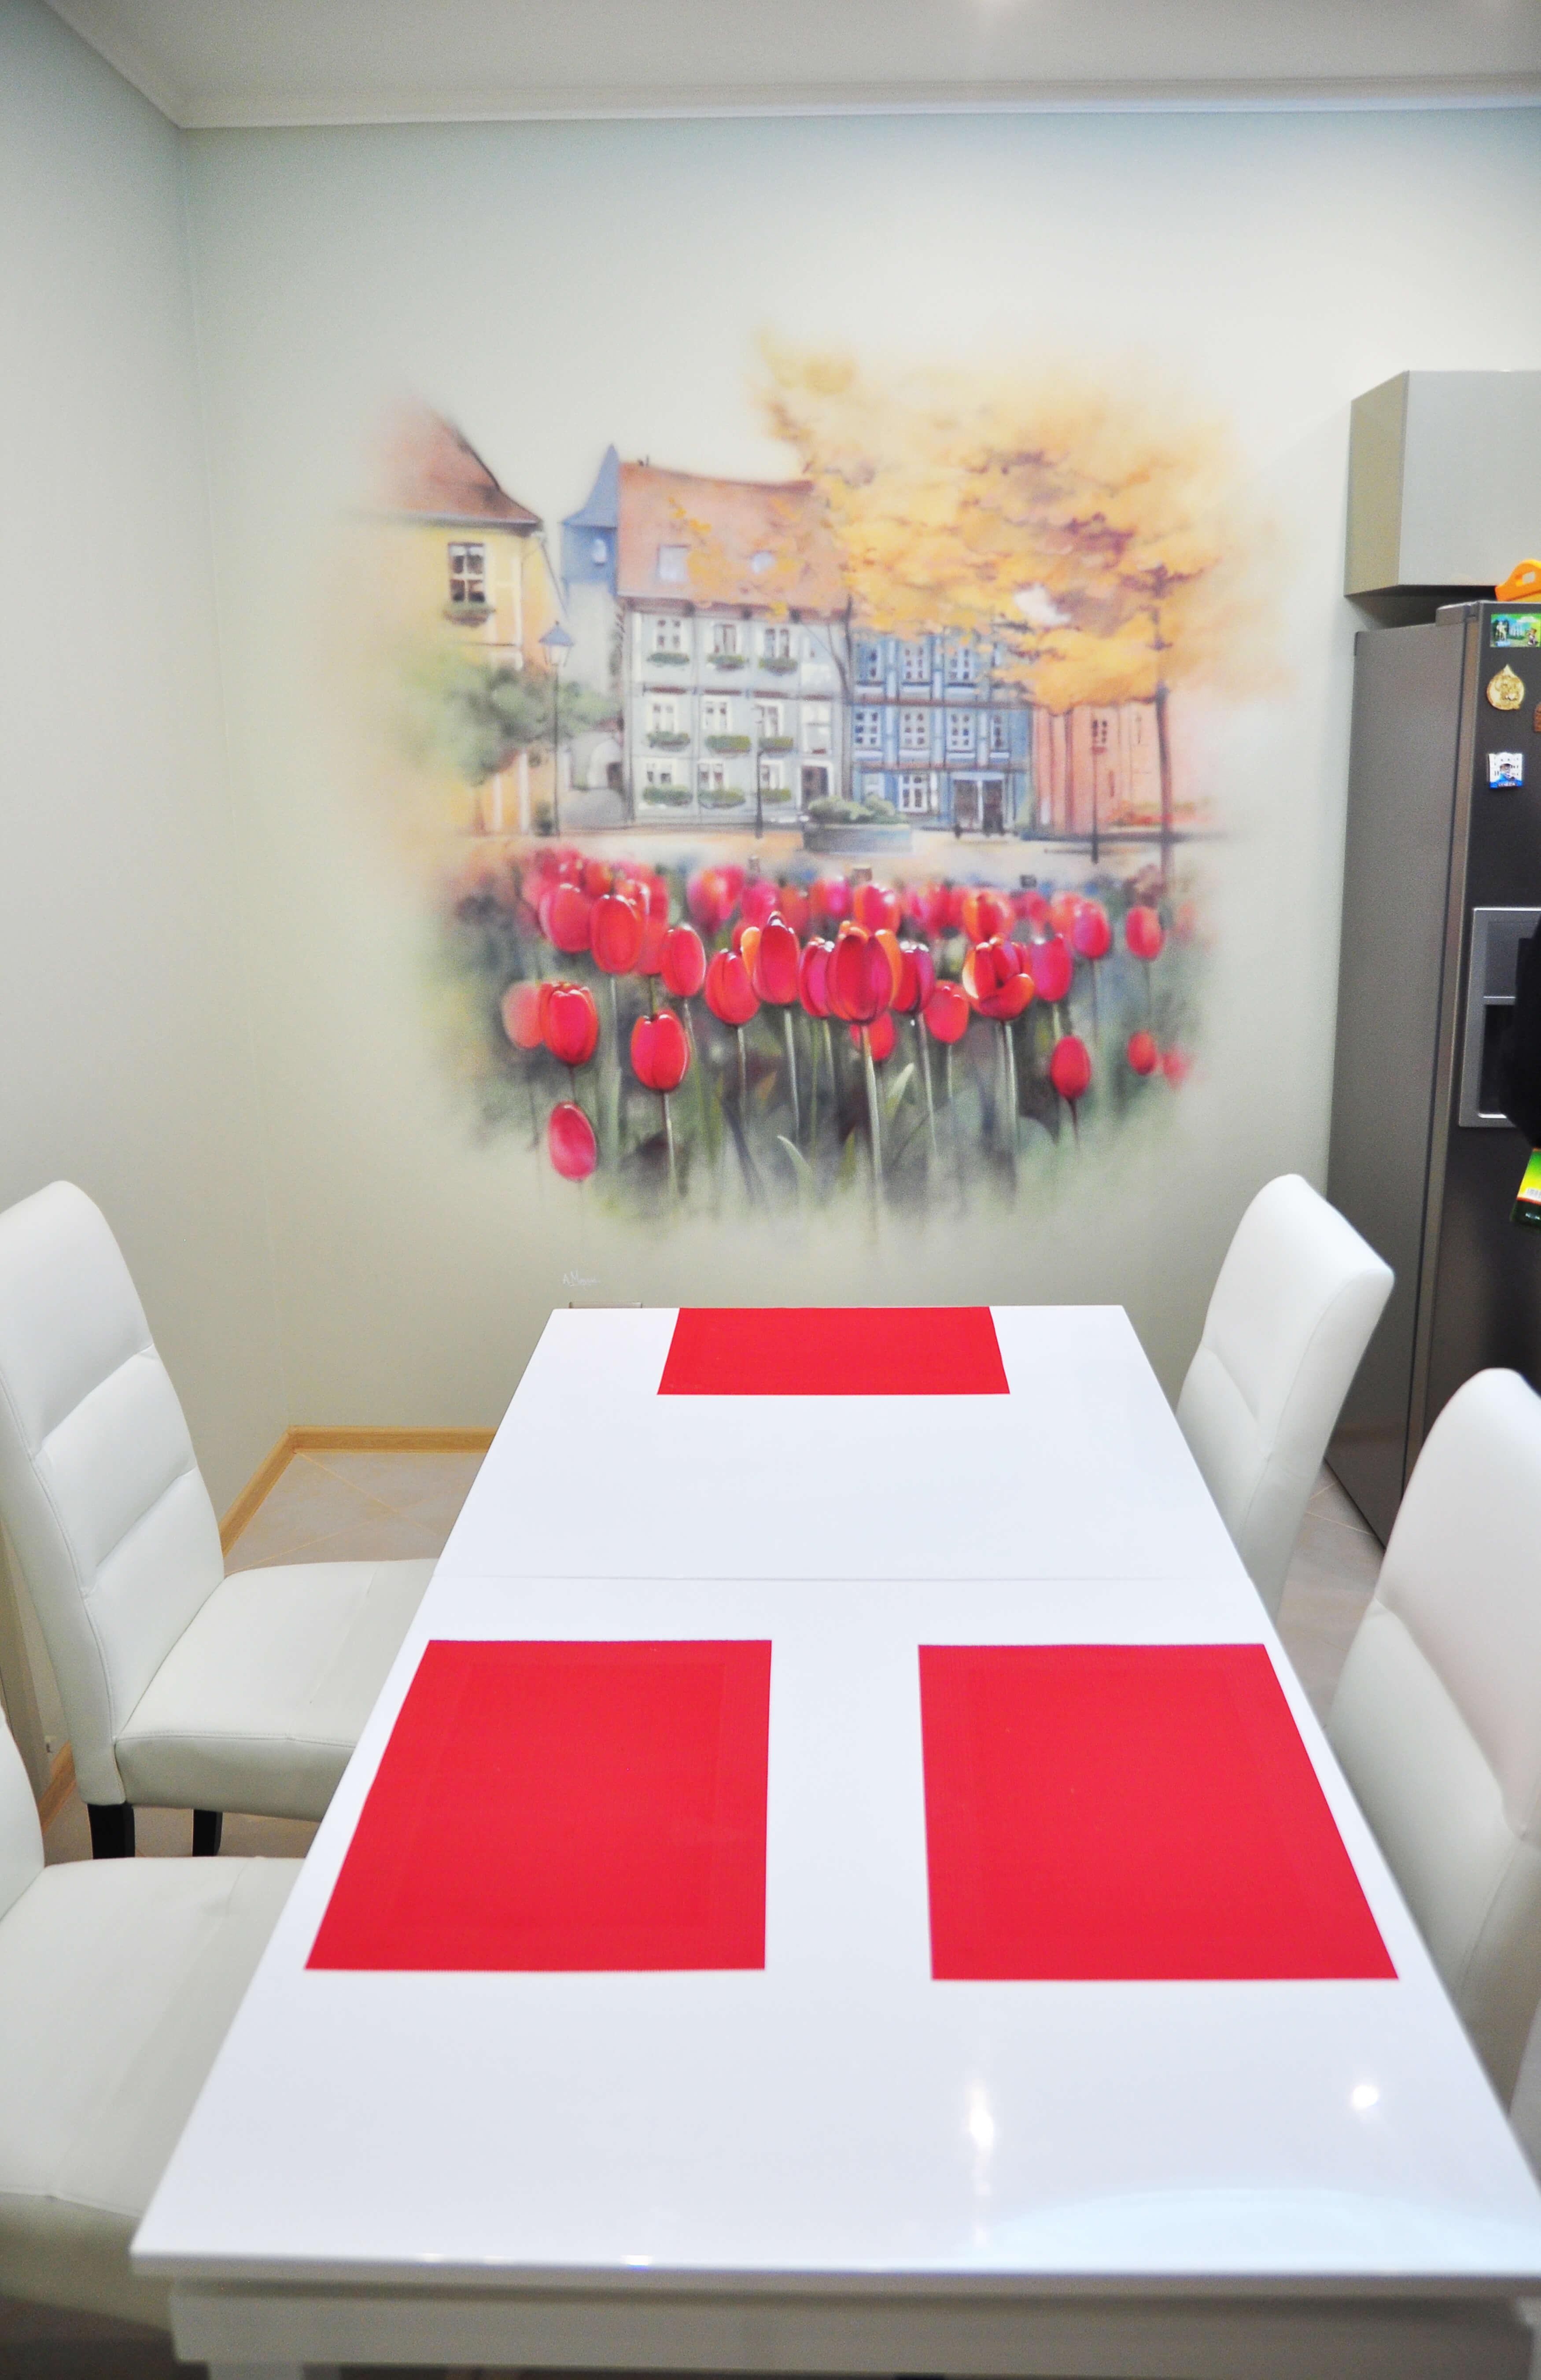 оформлениекухни, тюльпаны, цветы, цветынастене, оформлениеинтерьера, дизайнинтерьера, авторкийдизайнинтерьера, росписьстен, художественнаяросписьстен, граффитистен, интерьер